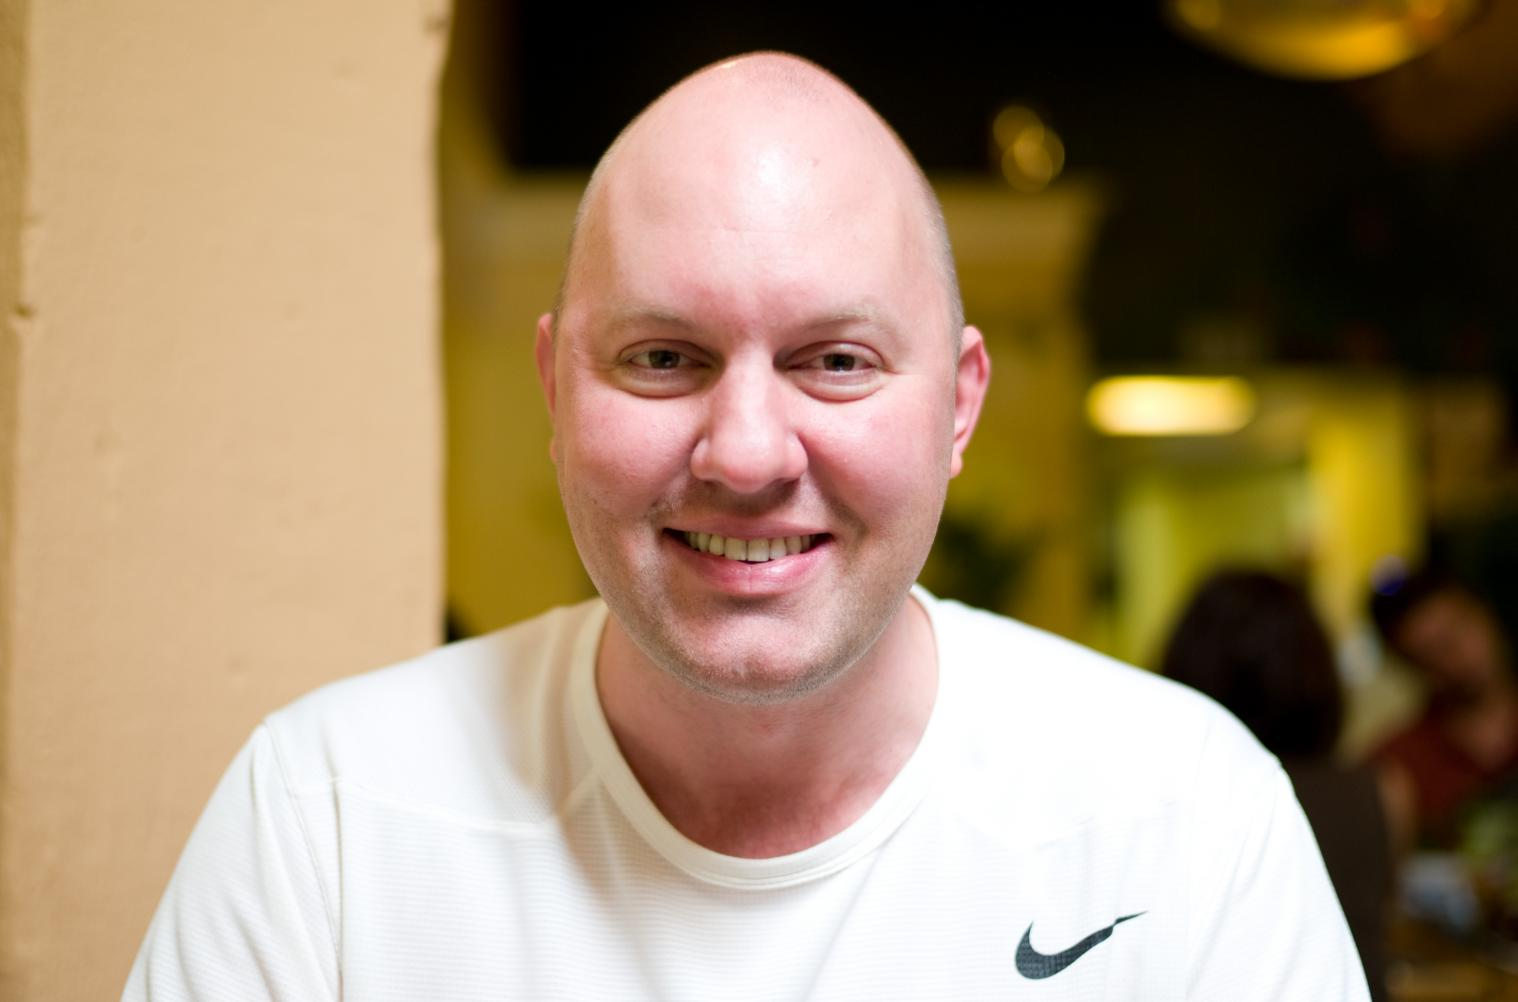 Going bald shaped head weird Celebrities Who